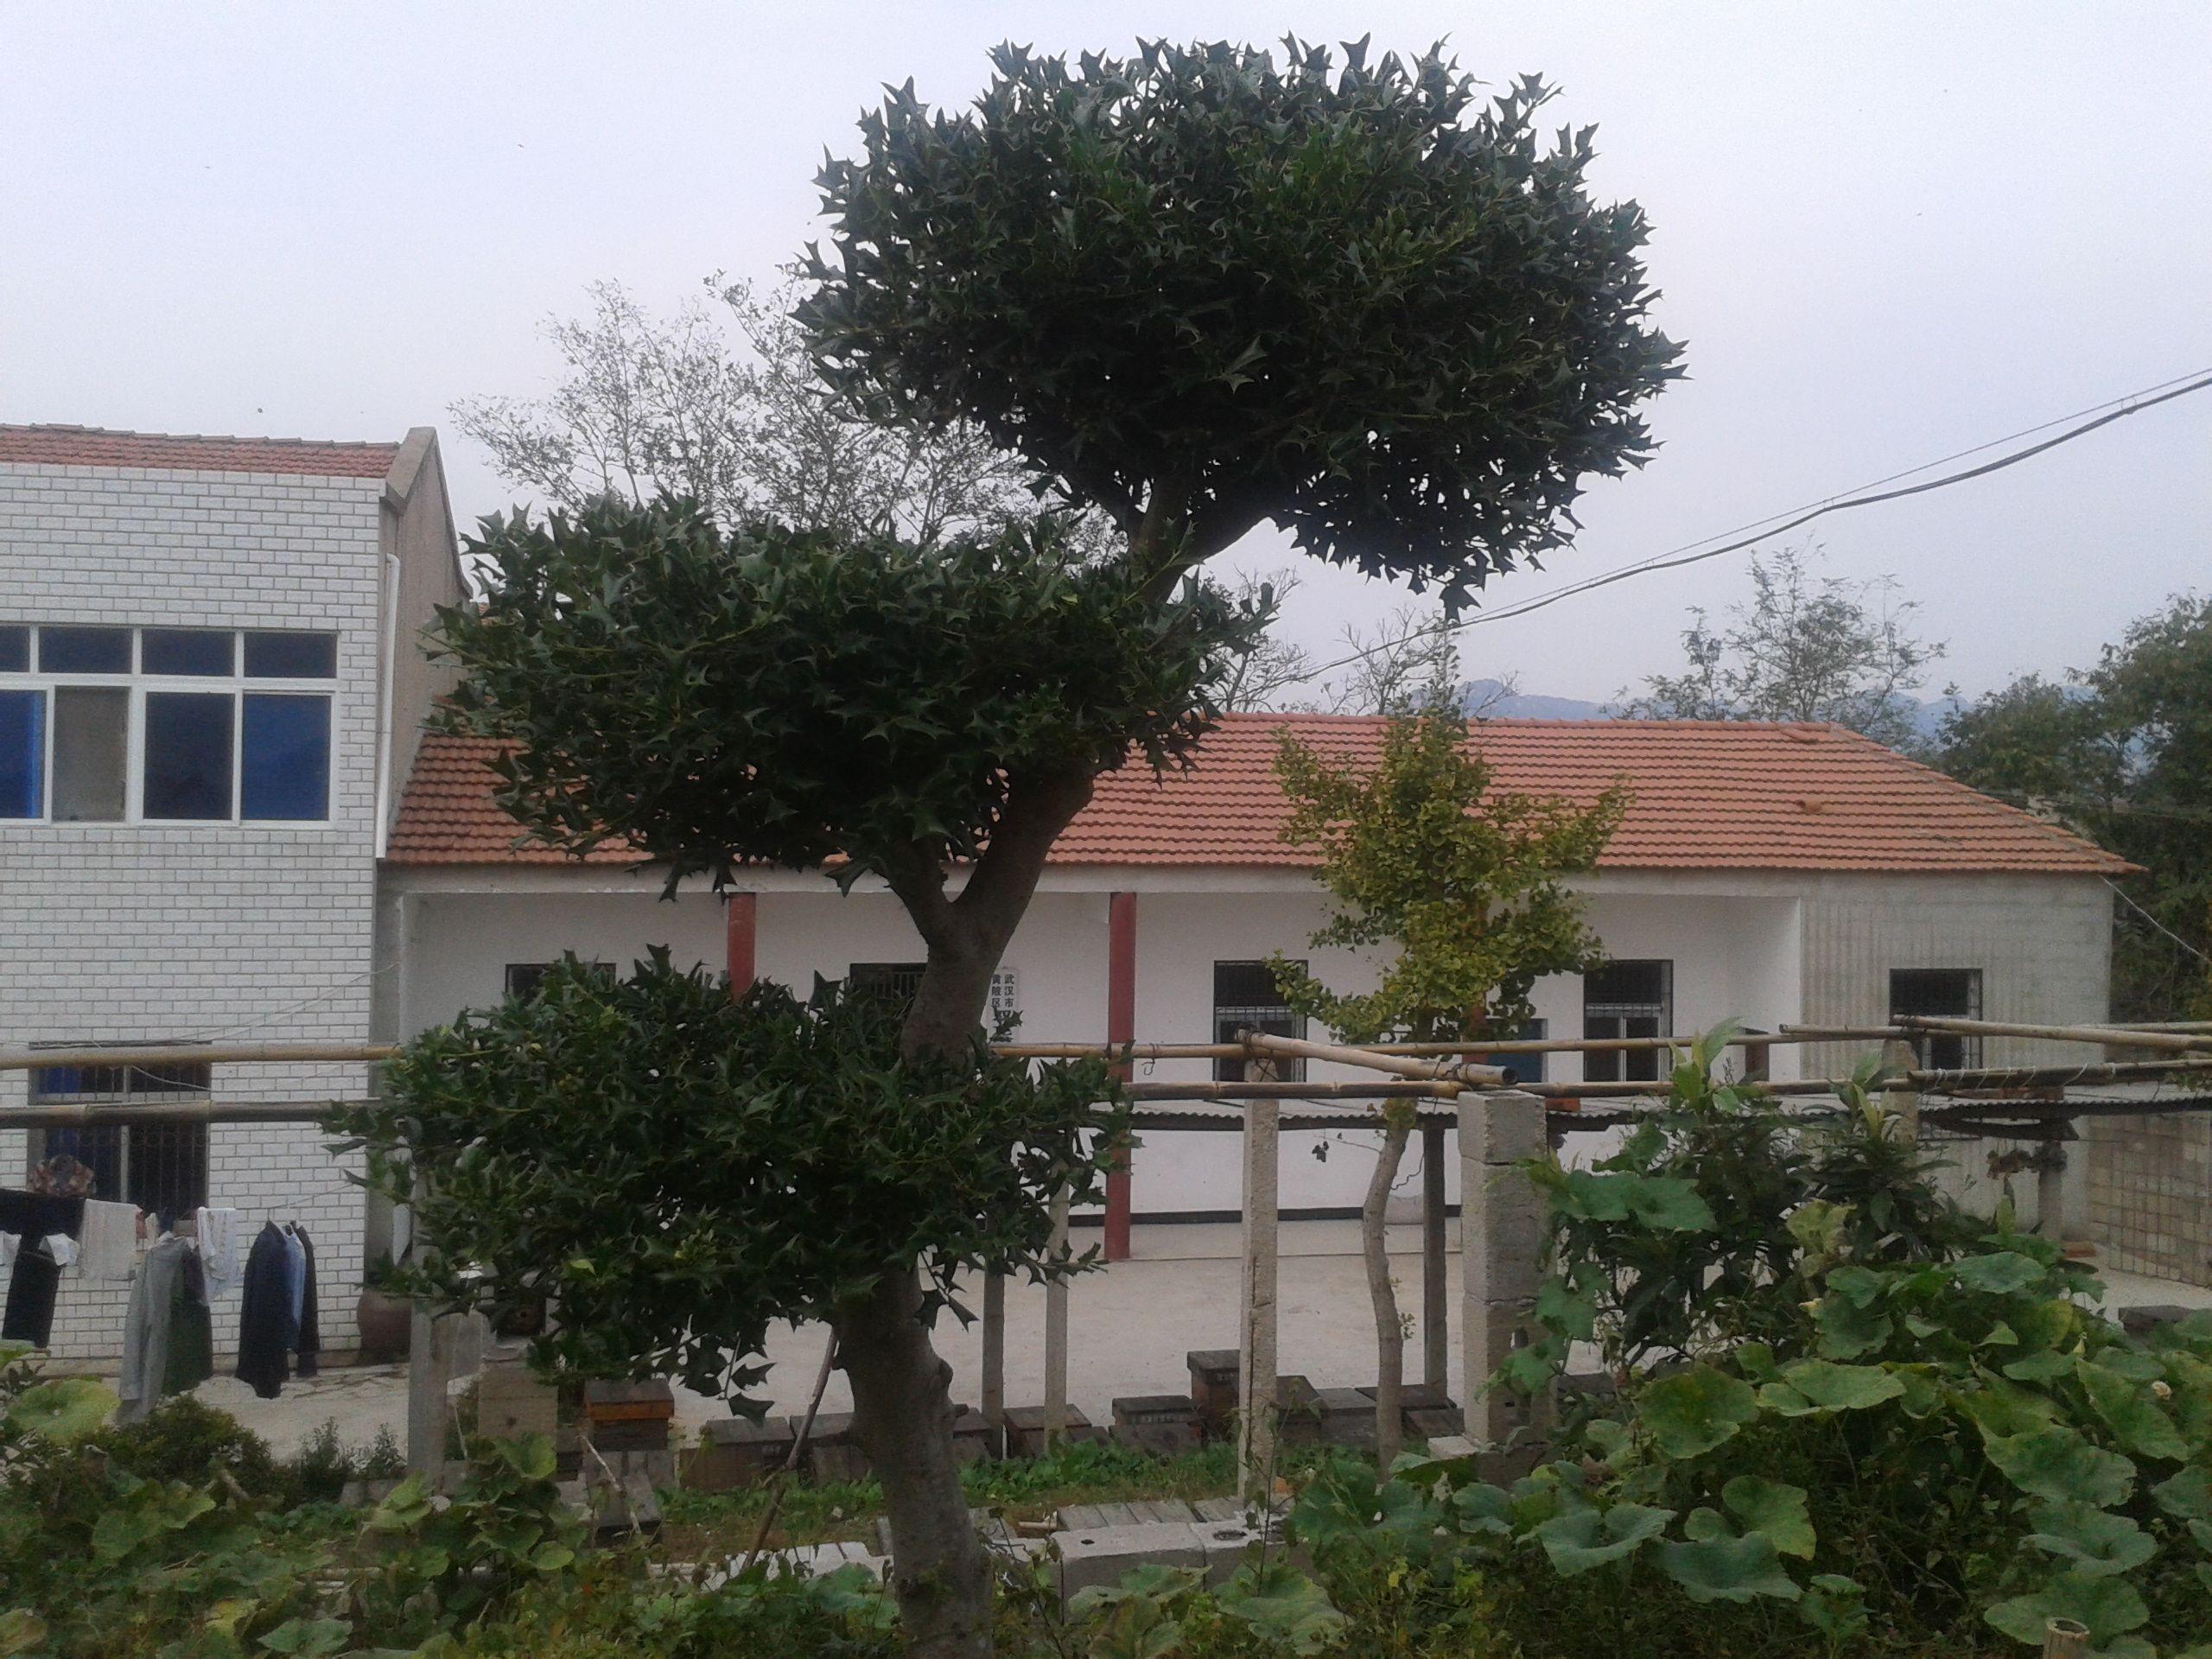 老鼠刺庭院观景树一株 能卖多少钱